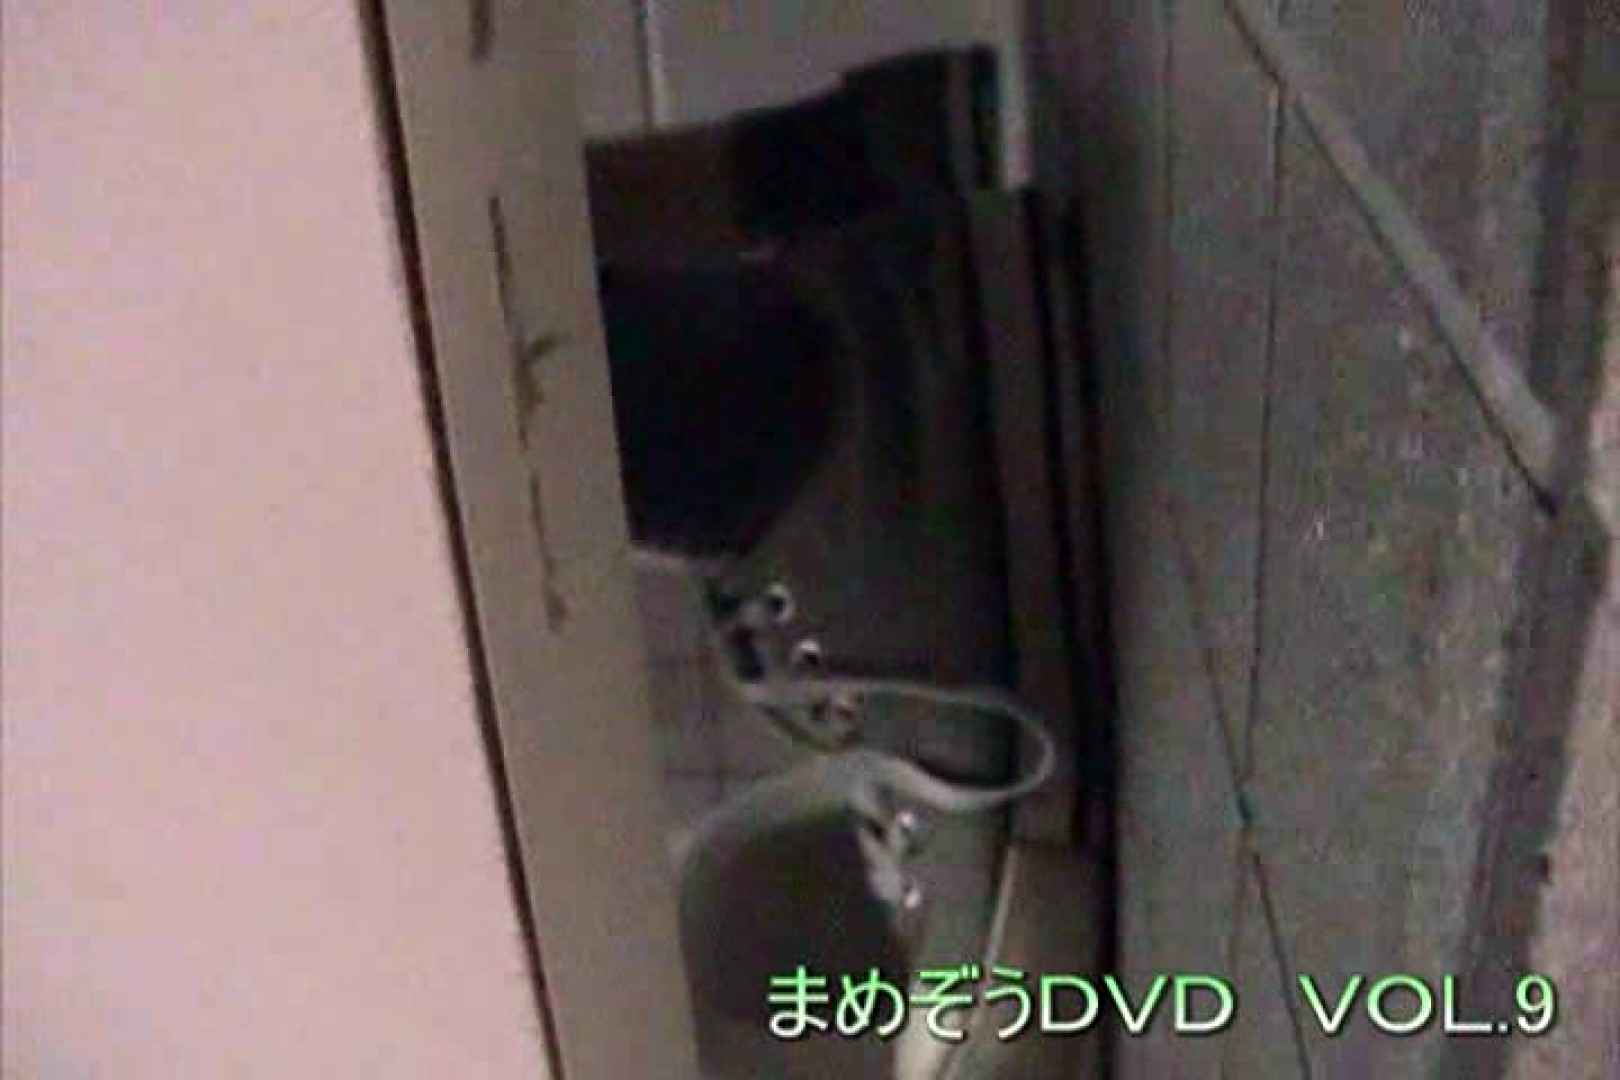 まめぞうDVD完全版VOL.9 ギャル攻め  55画像 24